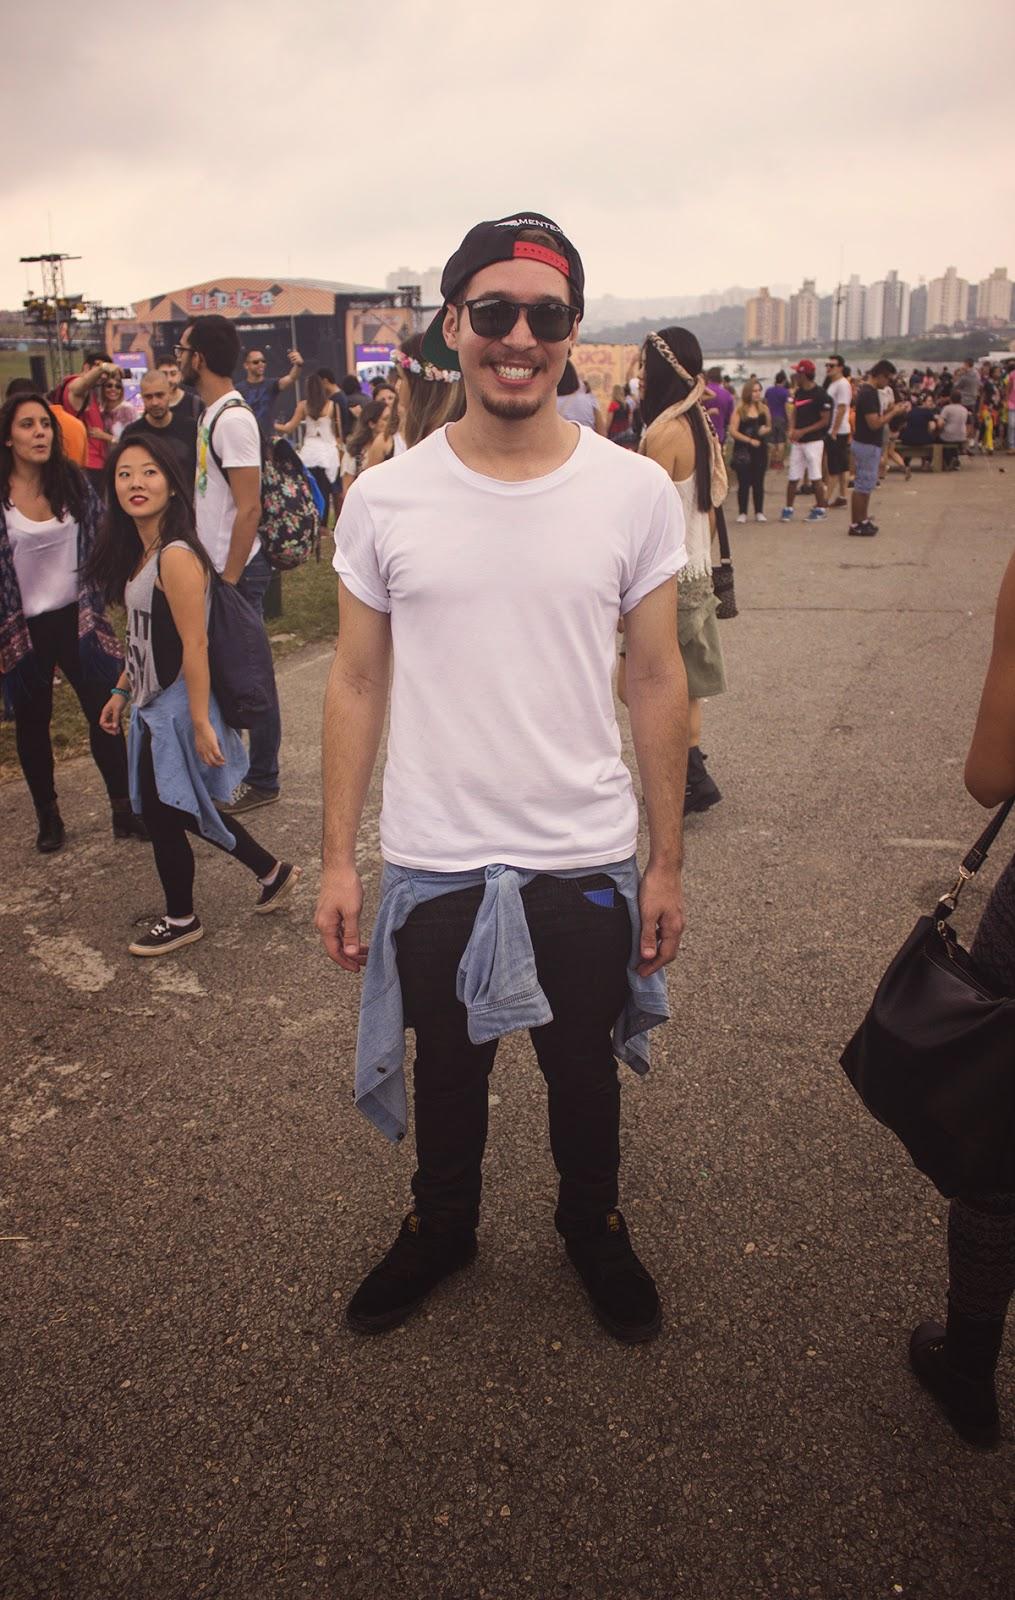 Macho Moda - Blog de Moda Masculina  Os Looks Masculinos do LollaPalooza  Brasil 2015! e21f6b88597